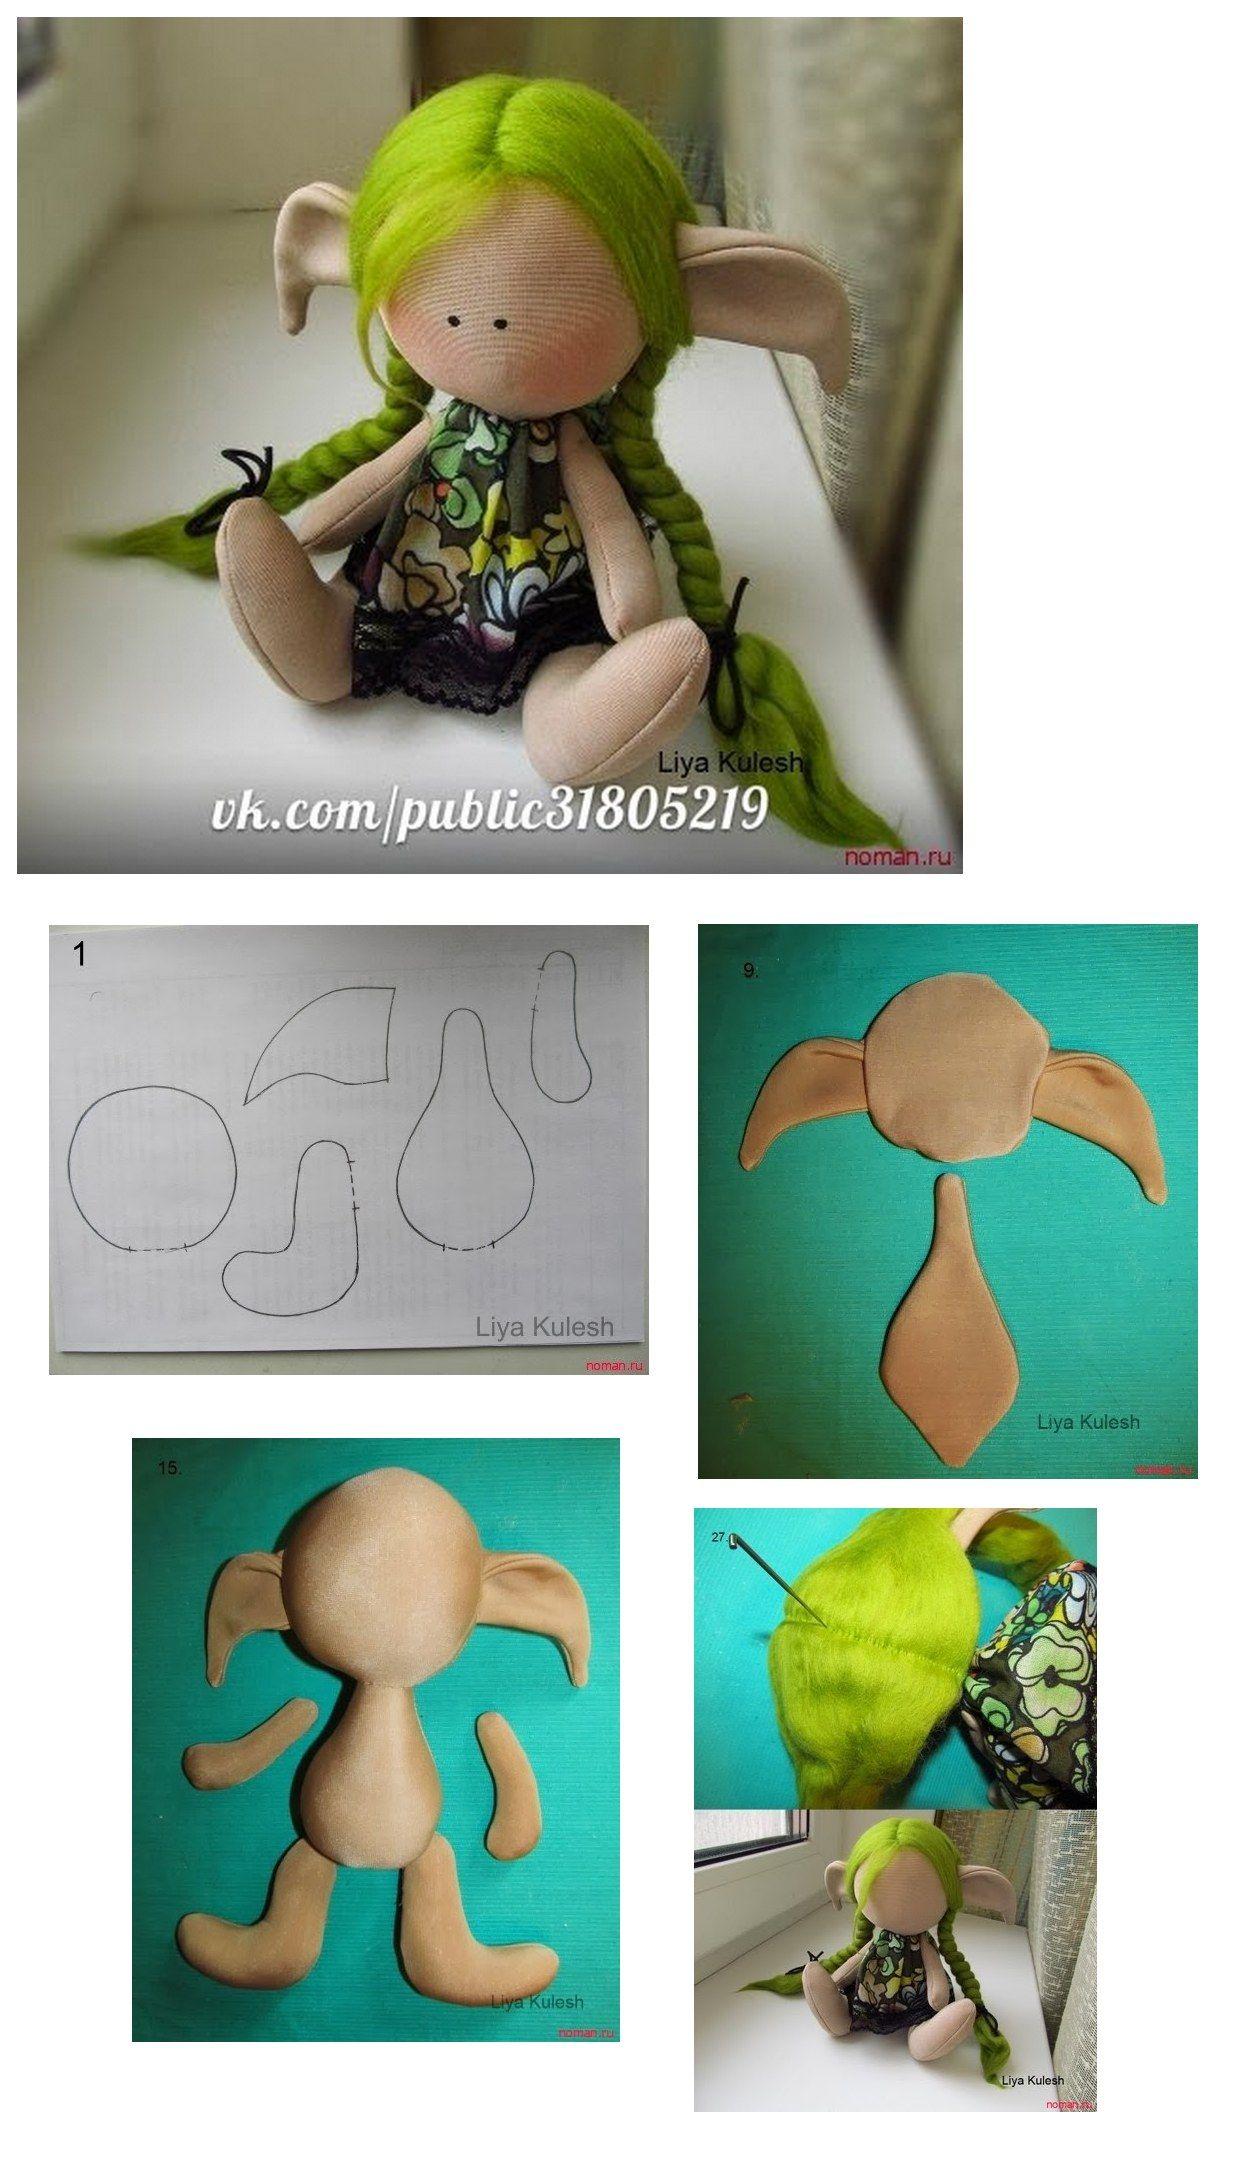 Ragdoll - free pattern / | nähen | Pinterest | Puppen, Nähen und ...